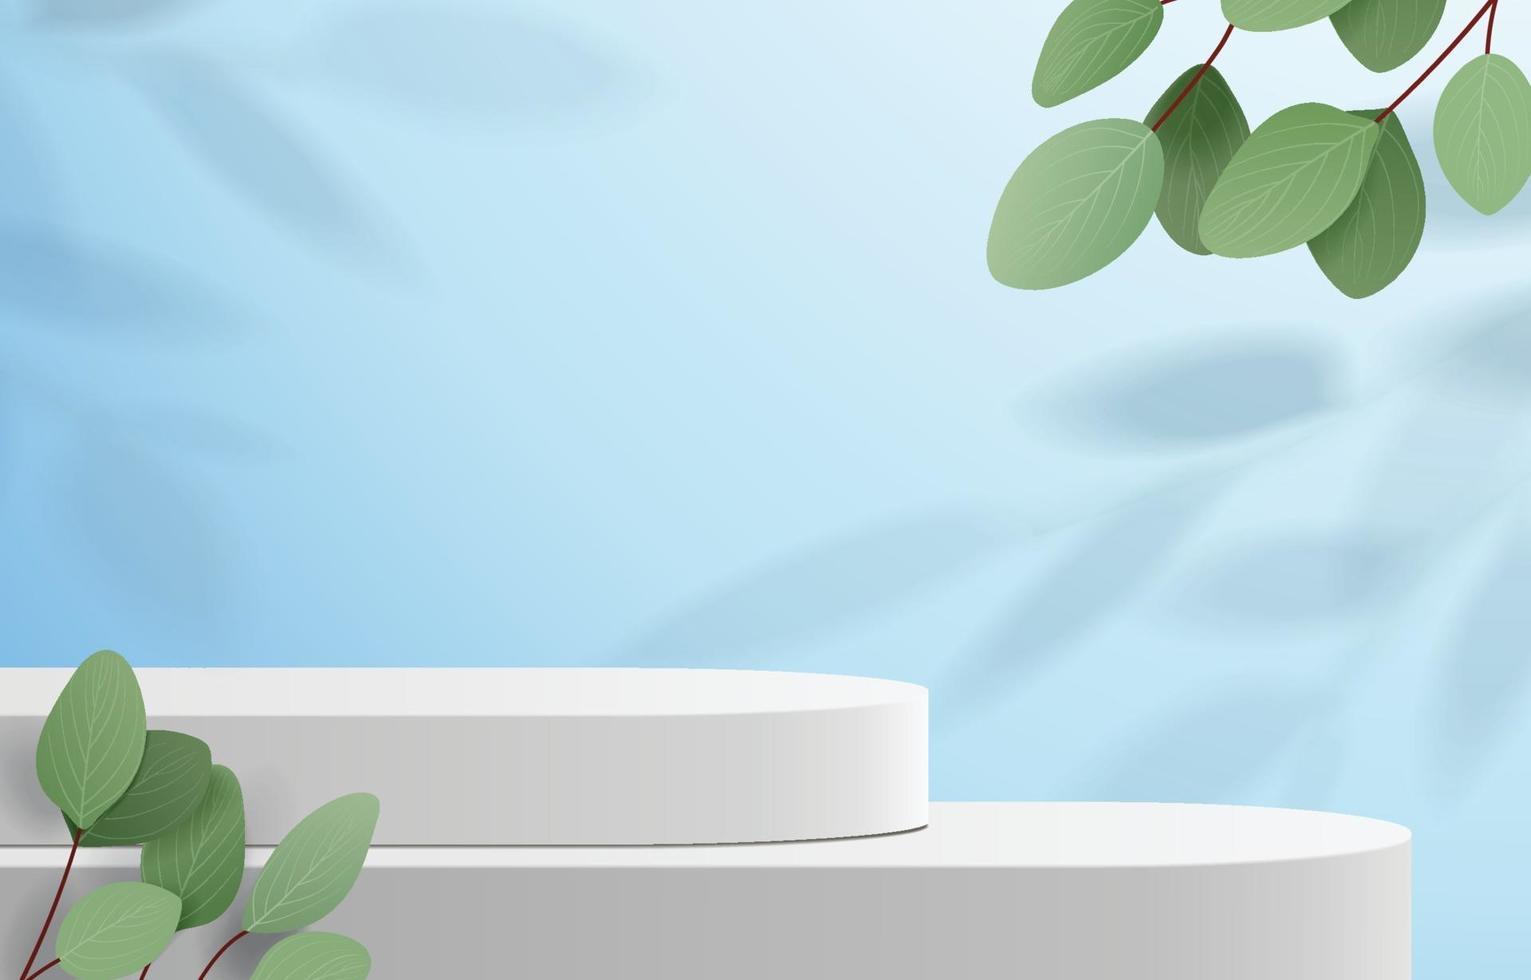 abstrakte Minimalszene mit geometrischen Formen. Zylinderpodest im blauen Hintergrund mit Blättern. Produktpräsentation, Mock-up, Kosmetikprodukt, Podium, Bühnensockel oder Plattform zeigen. 3d Vektor